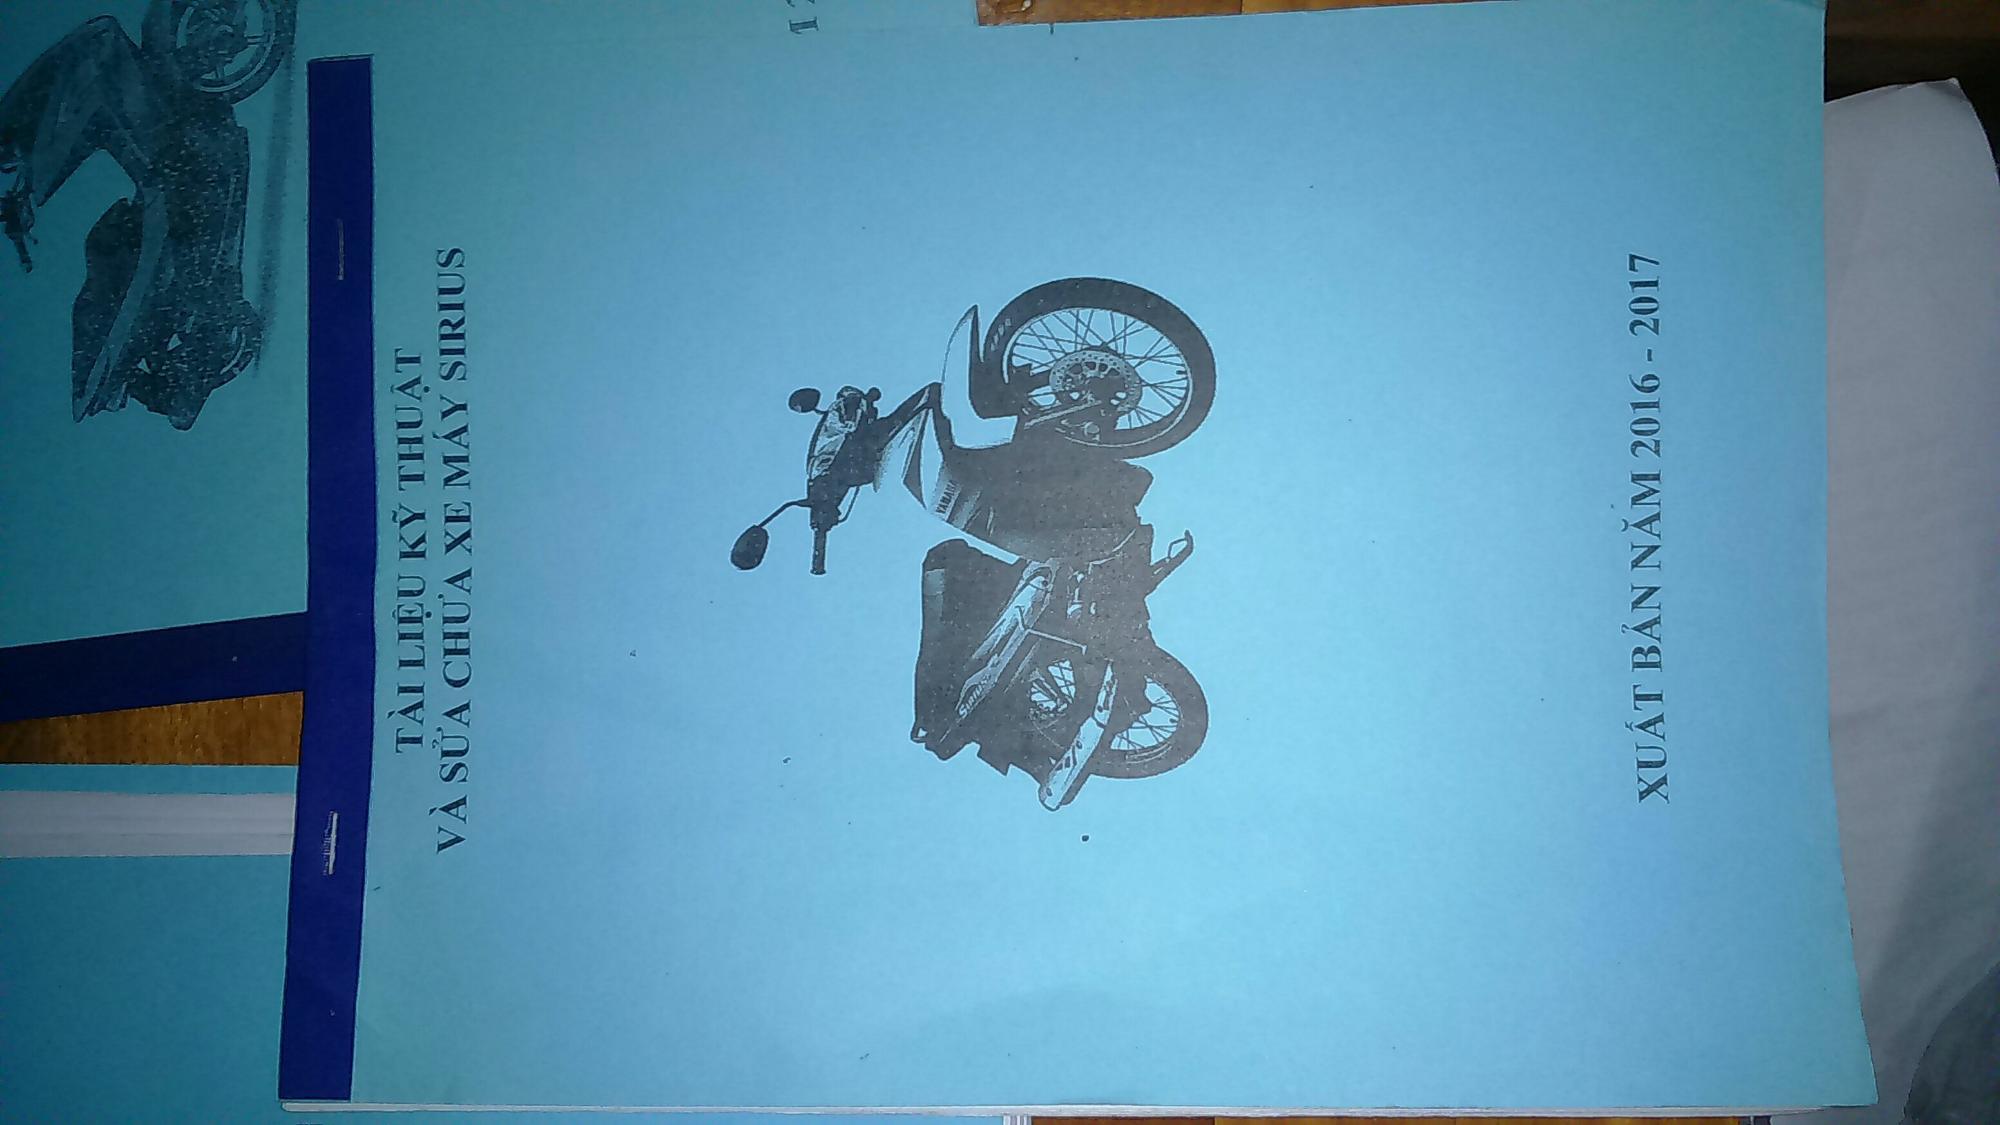 Mua Sách hướng dẫn sữa chữa xe máy